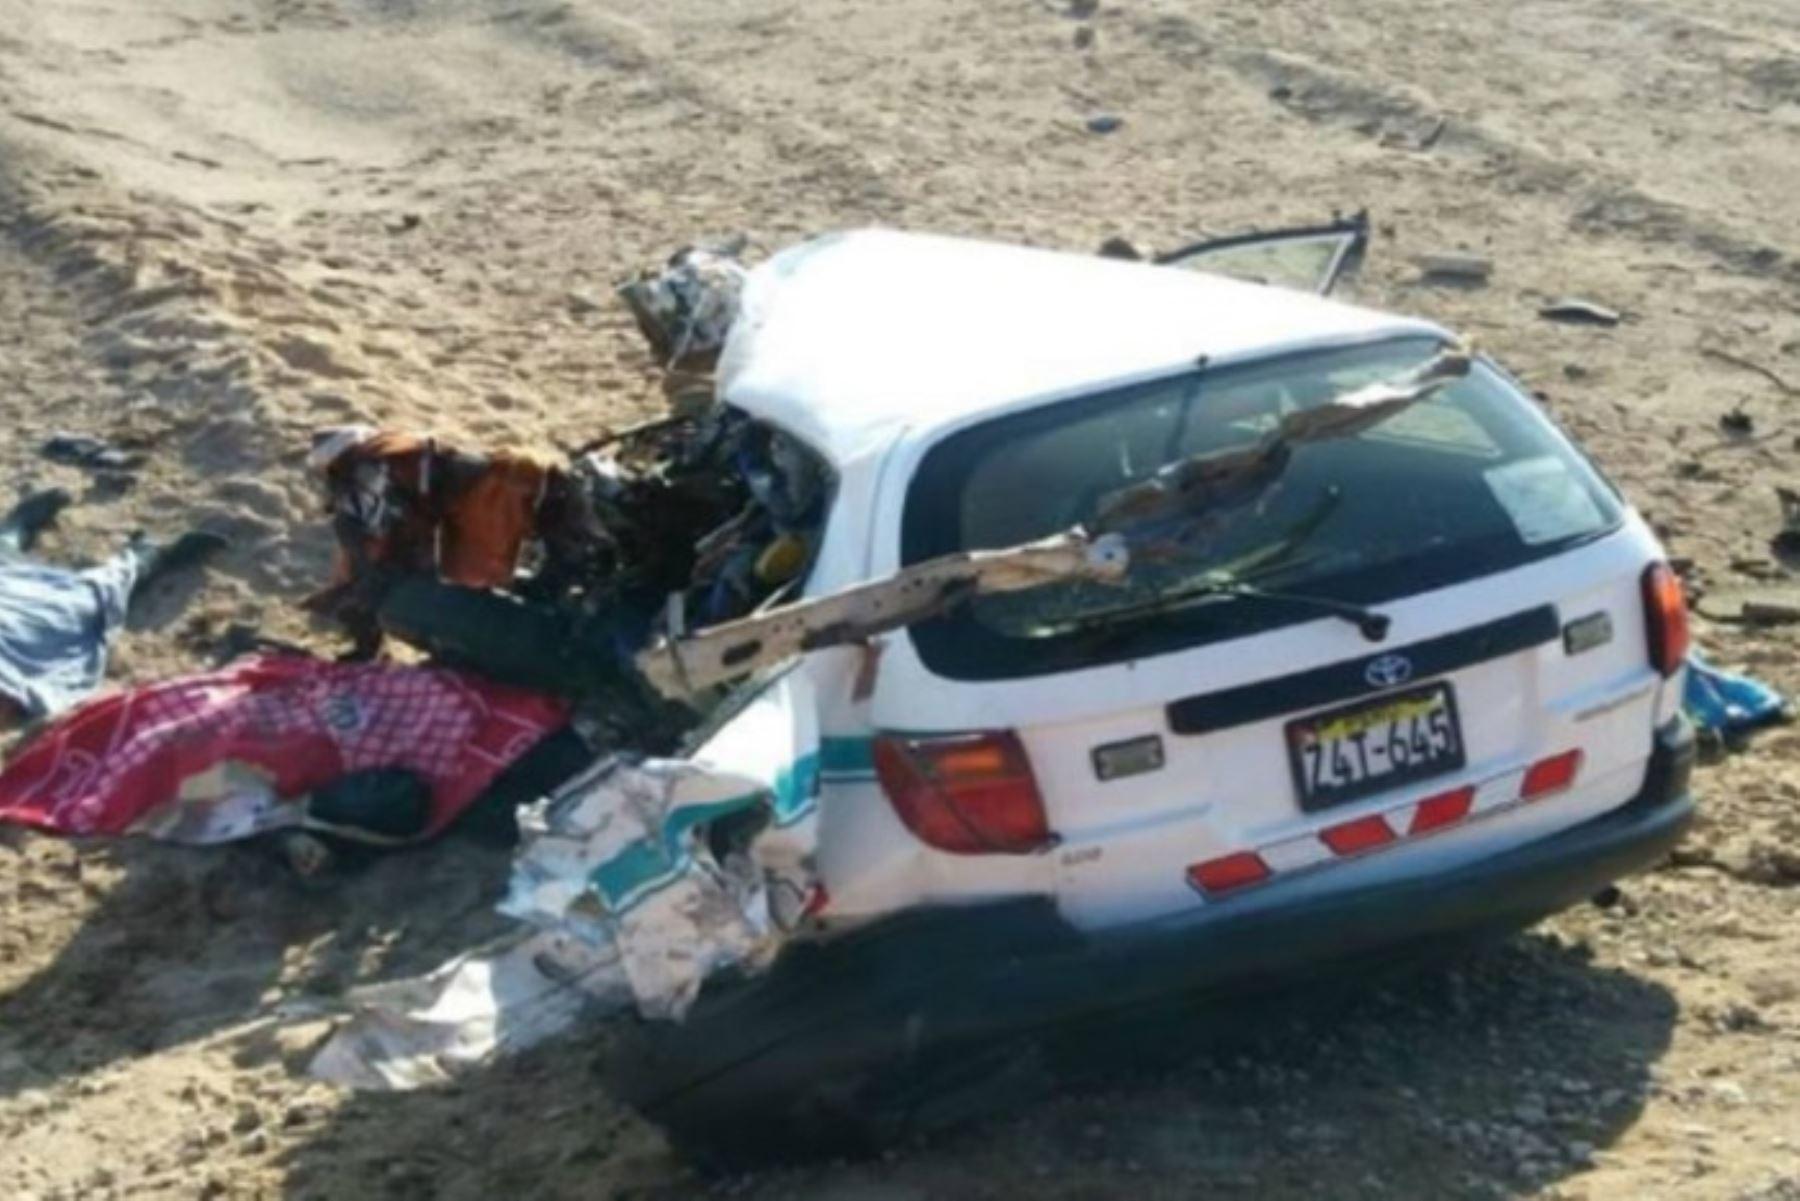 Un choque frontal ocurrido en el kilómetro 1197.300 de la carretera Panamericana Sur, en la región Moquegua, dejó dos muertos y una herida leve, informó la Policía de Carreteras local.